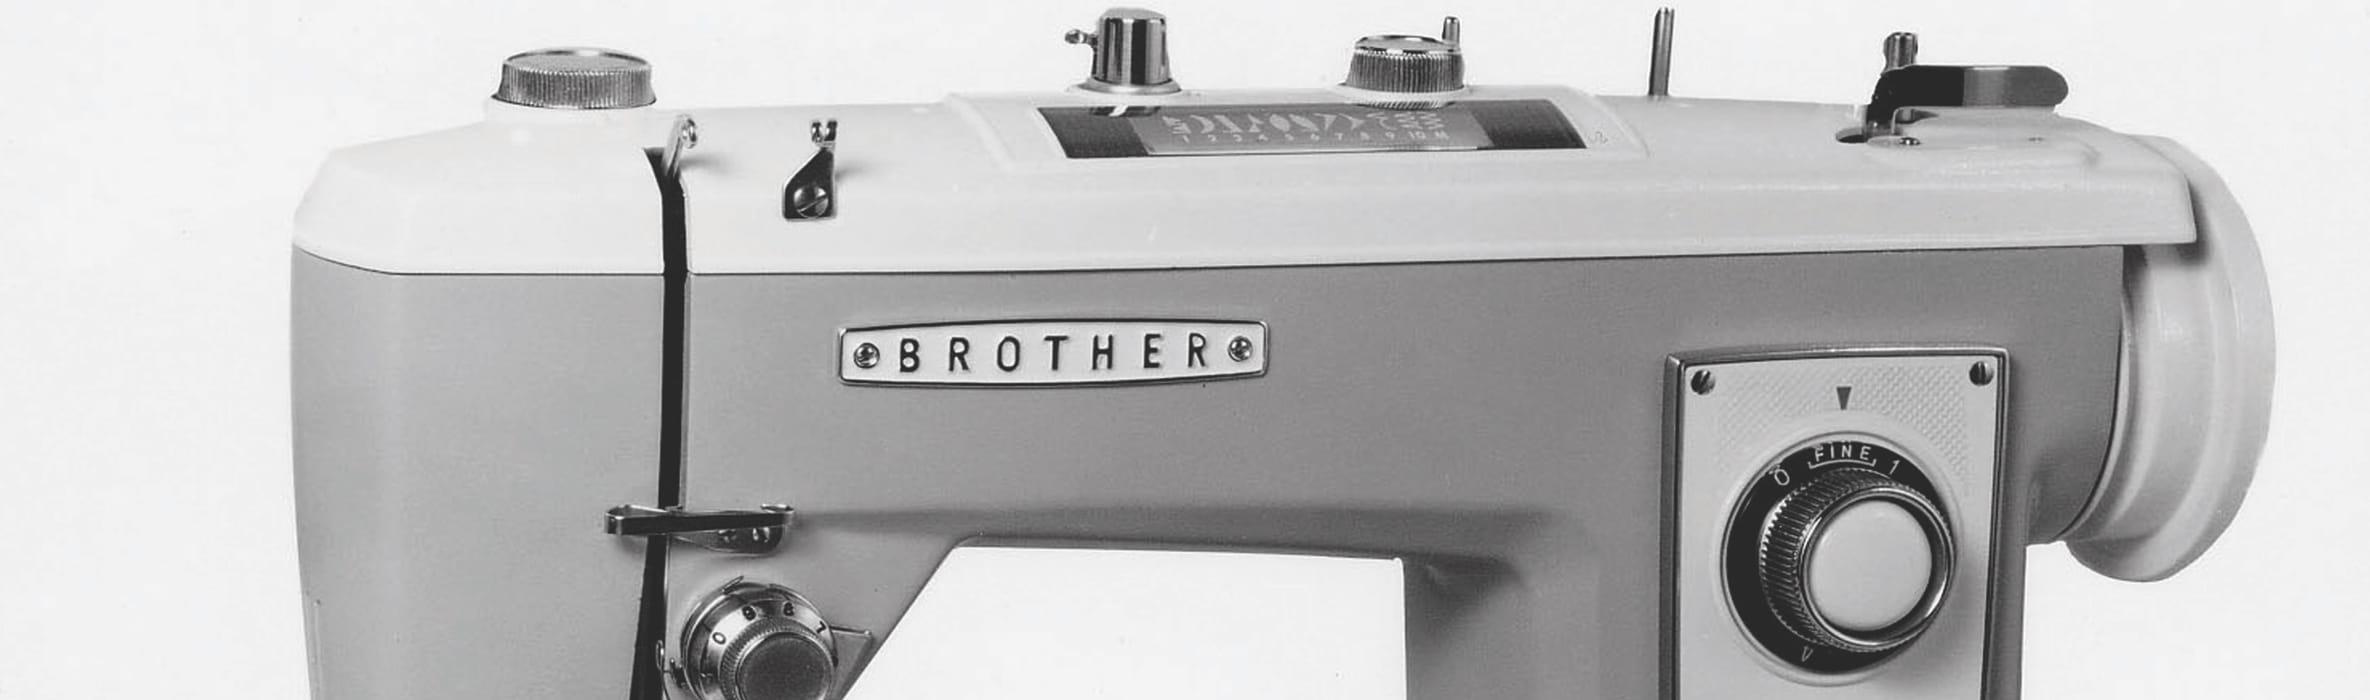 gros plan d'une machine à coudre brother